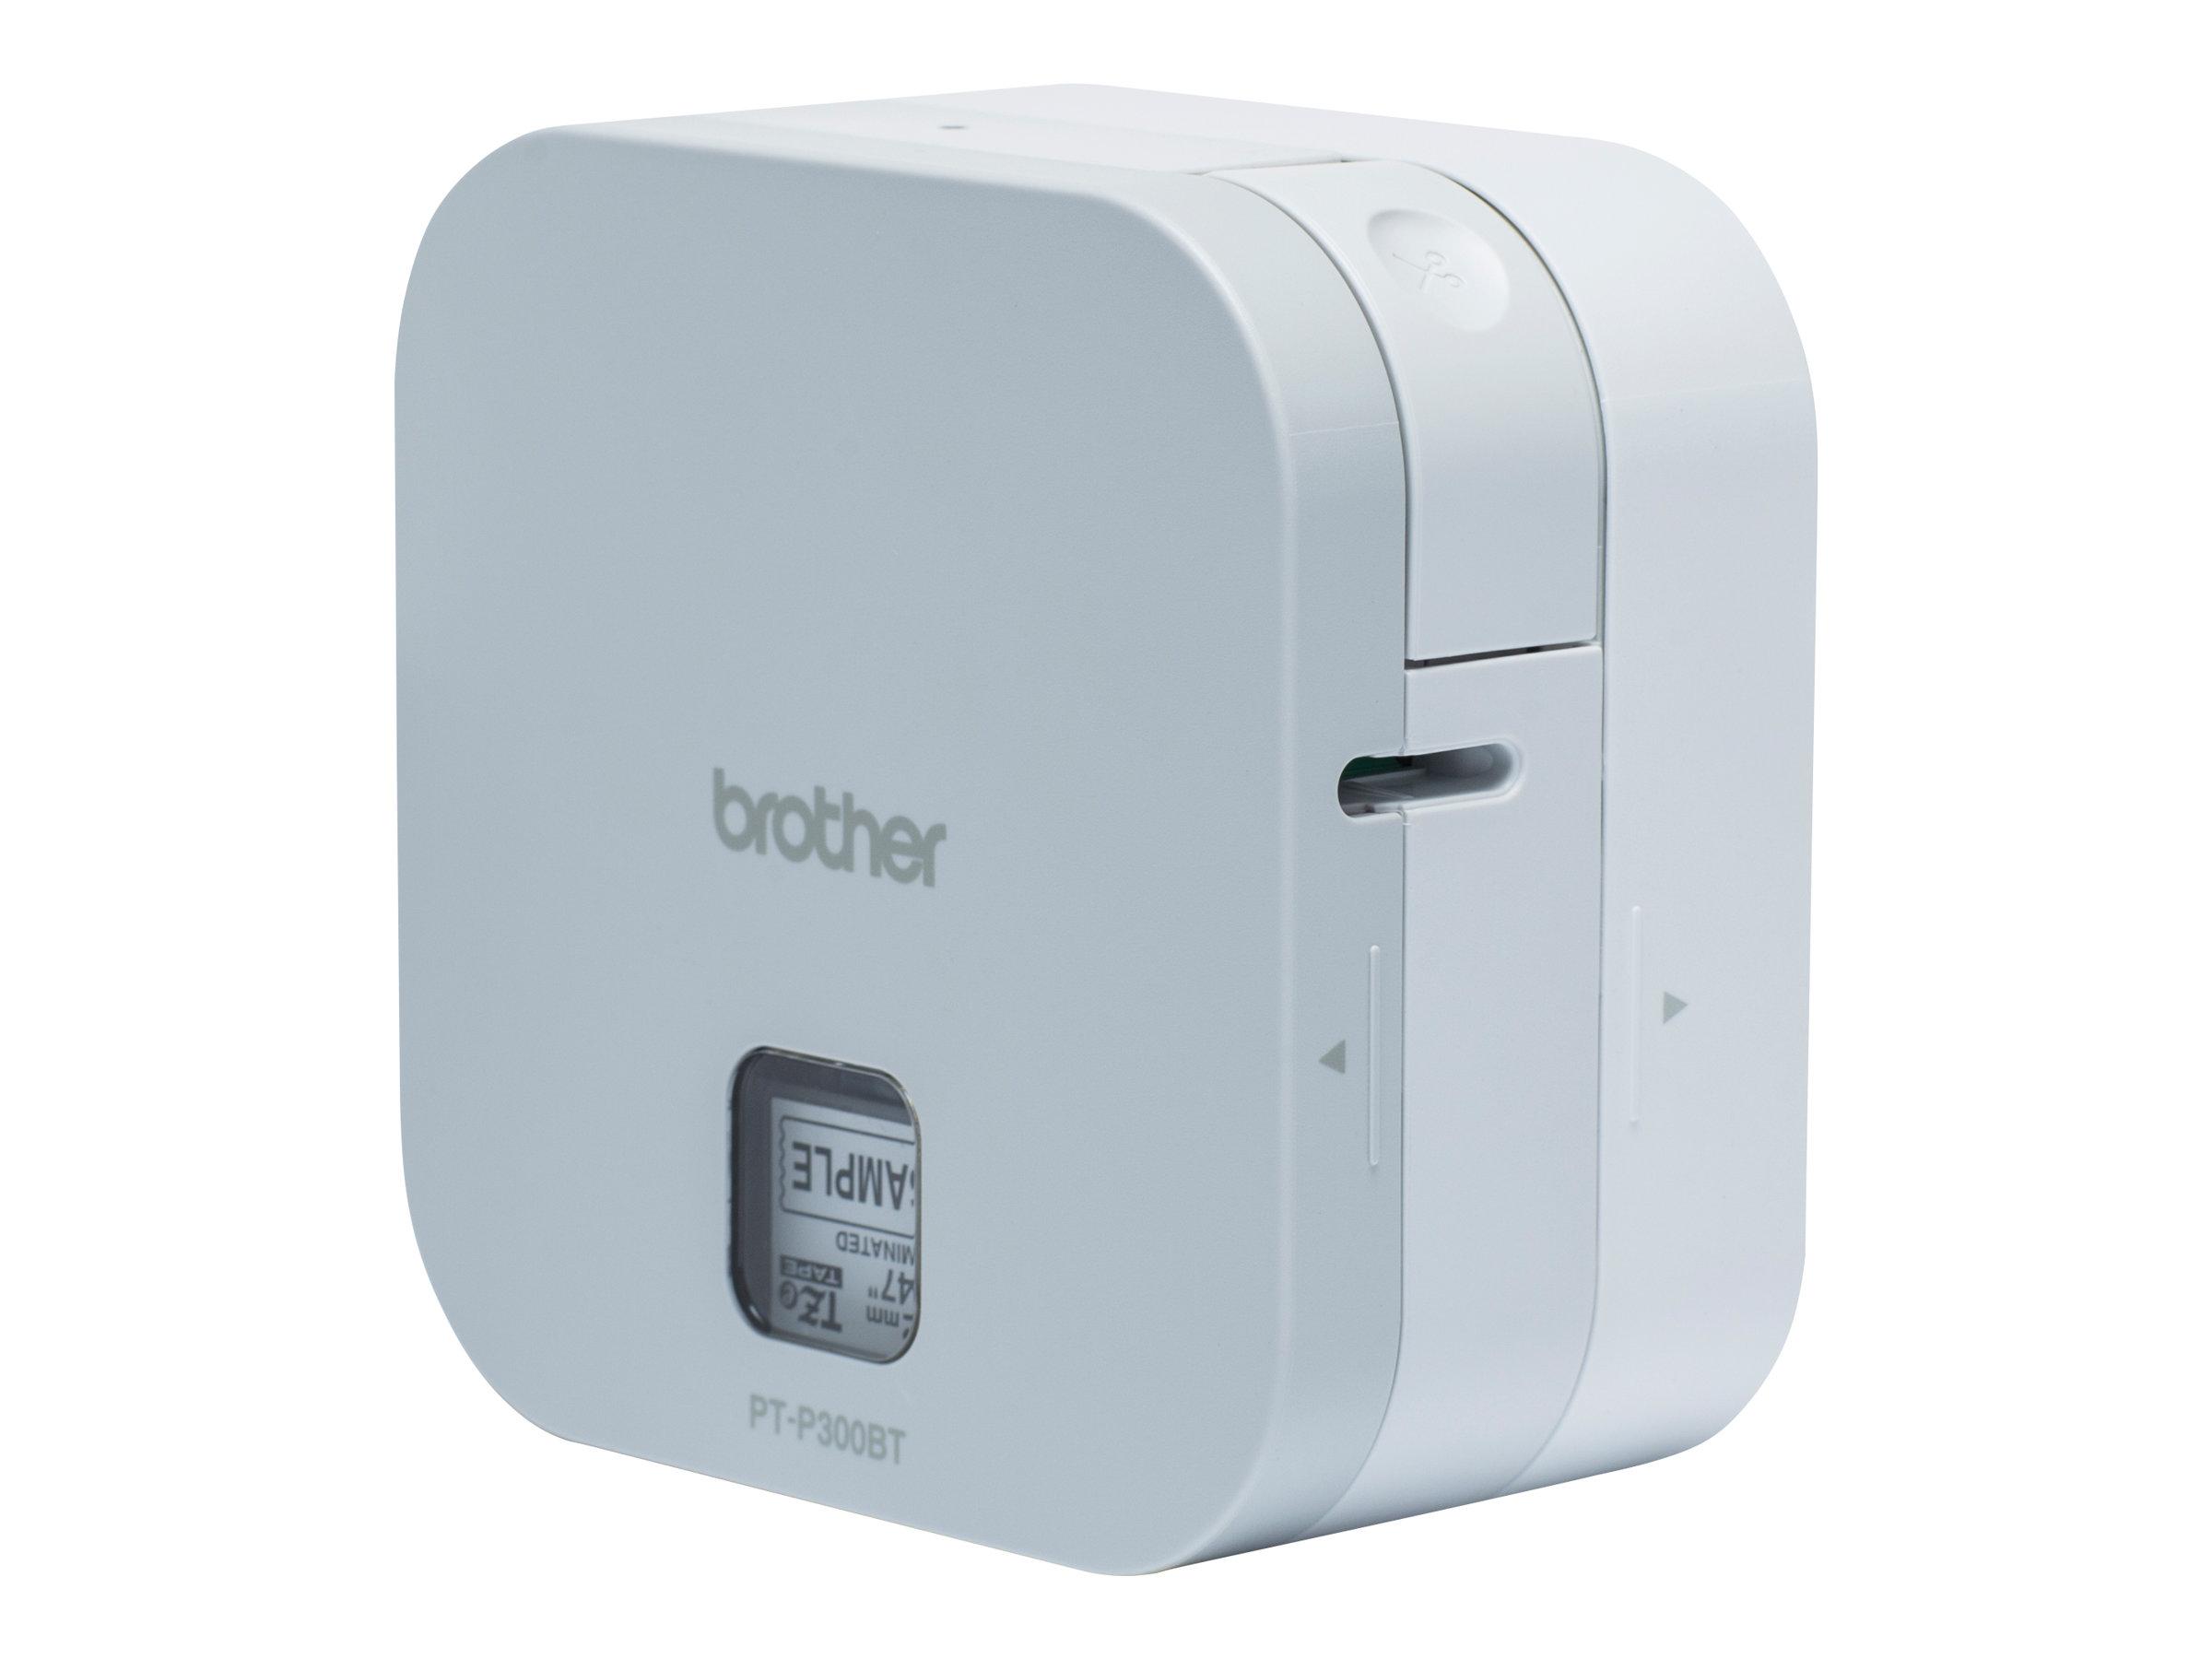 Brother P-Touch PT-P300BT - Etikettendrucker - Thermal Transfer - Rolle (1,2 cm) - 180 dpi - bis zu 20 mm/Sek.